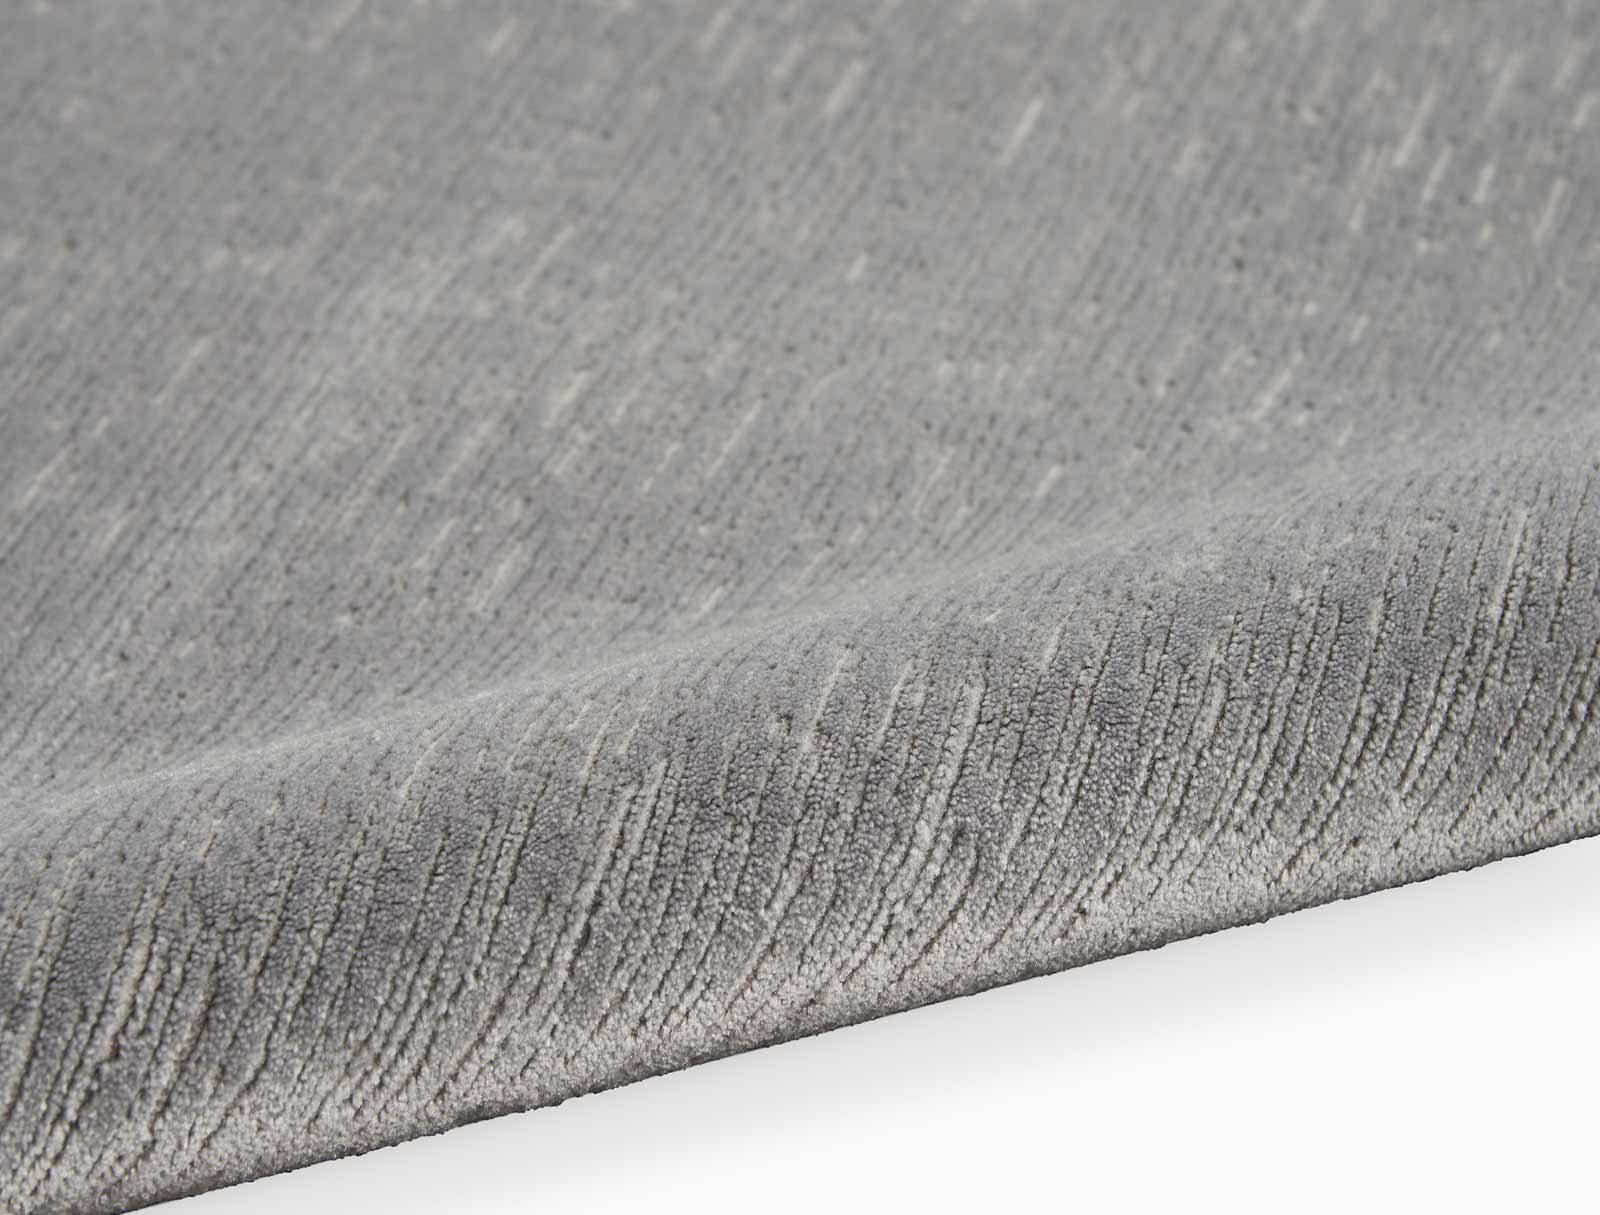 Calvin Klein rug Jackson CK780 CK781 GREY 5x7 099446356260 alt3 C